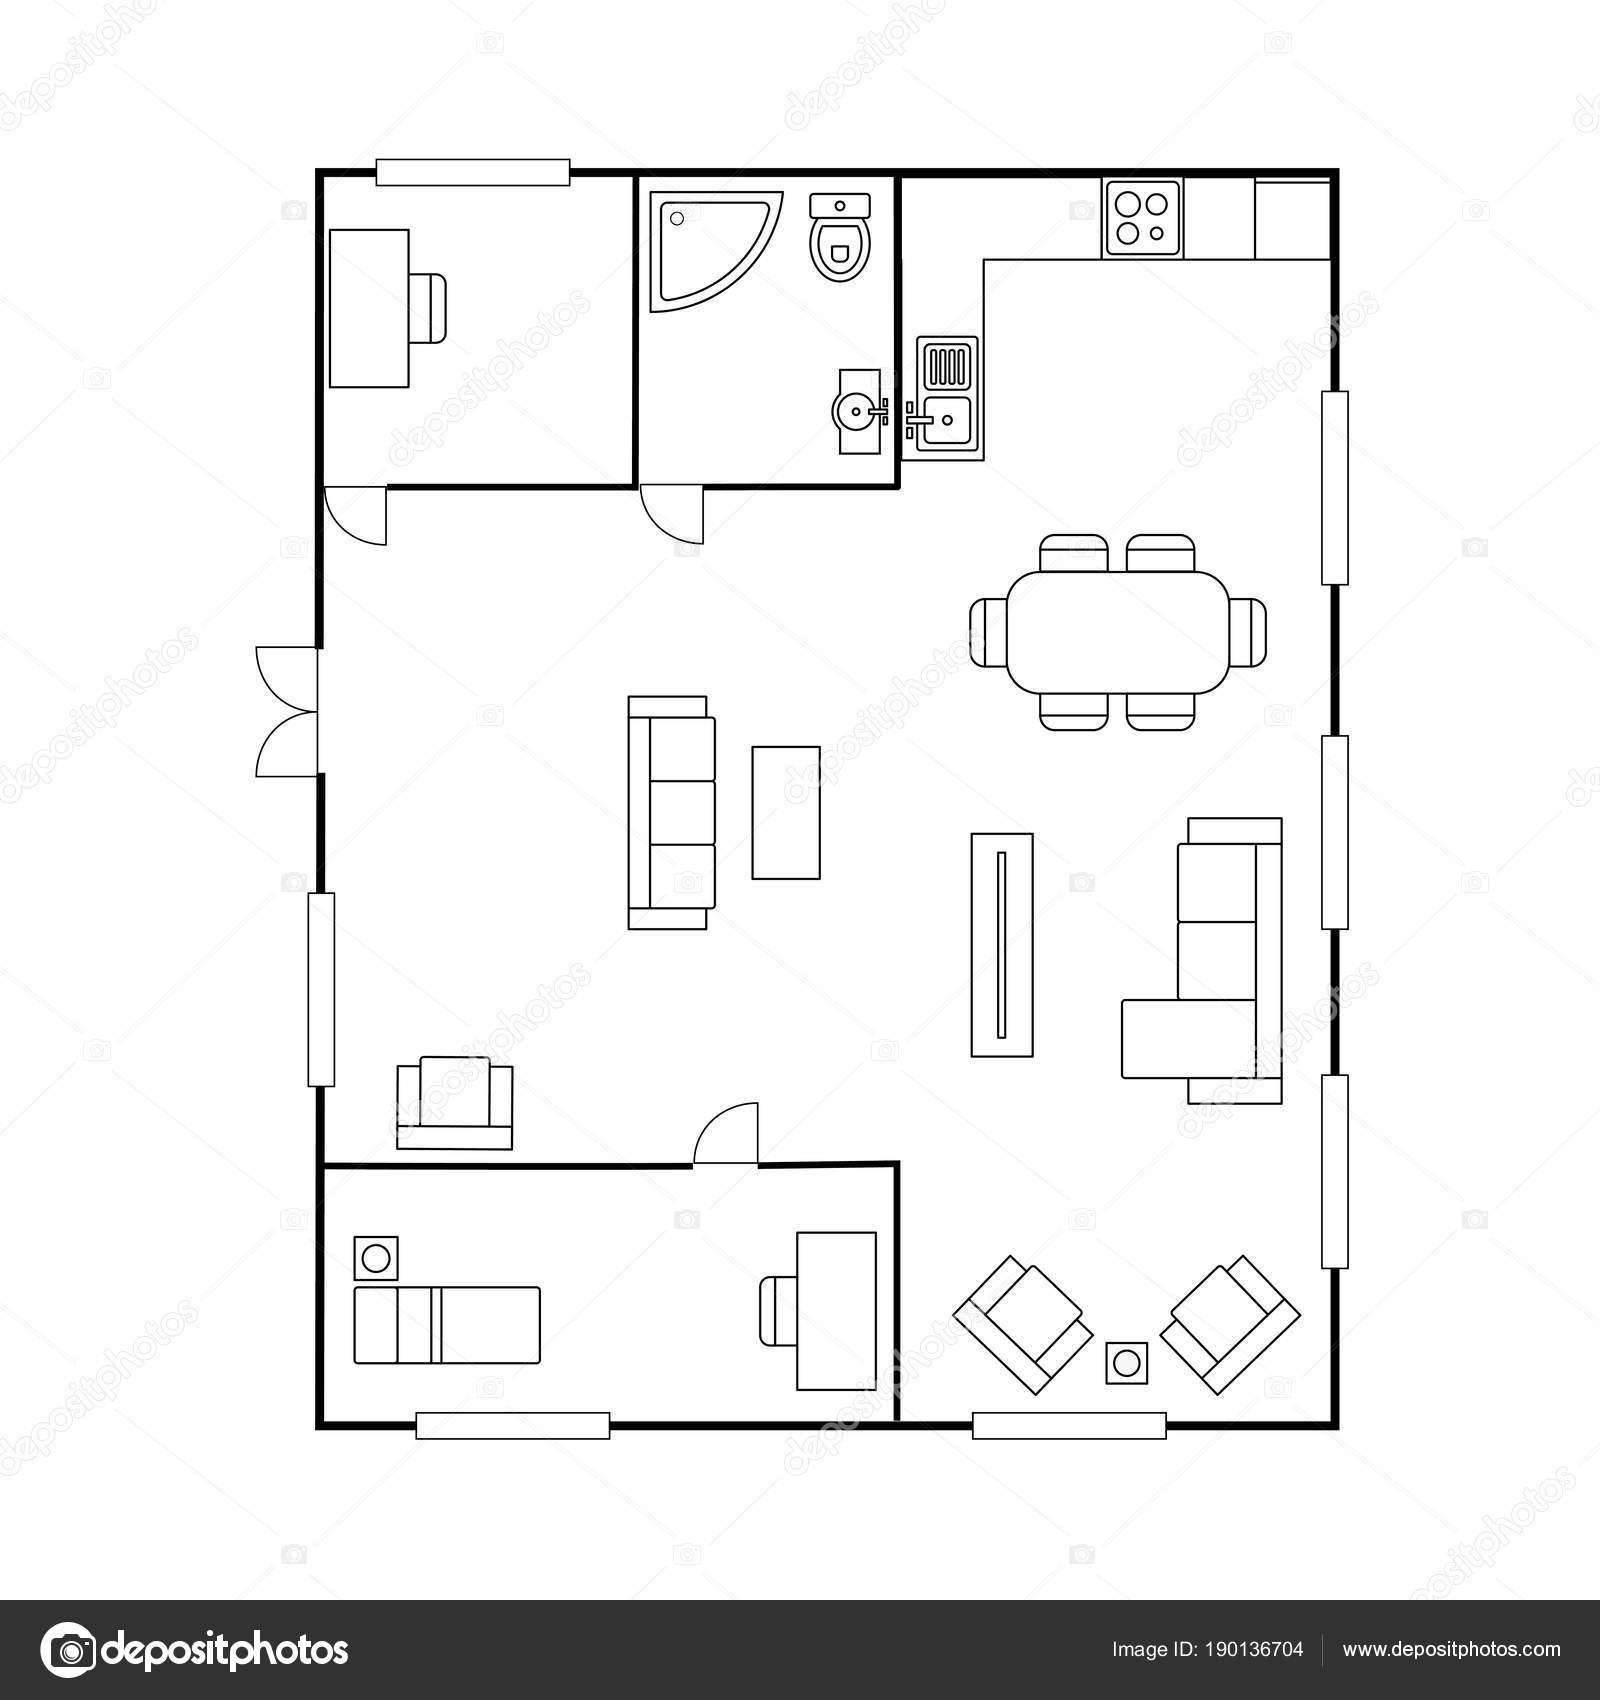 Architektur Plan Mit Mobeln Haus Grundriss Isoliert Auf Weissem Hintergrund Lager Vektor Illustration Von Naum100